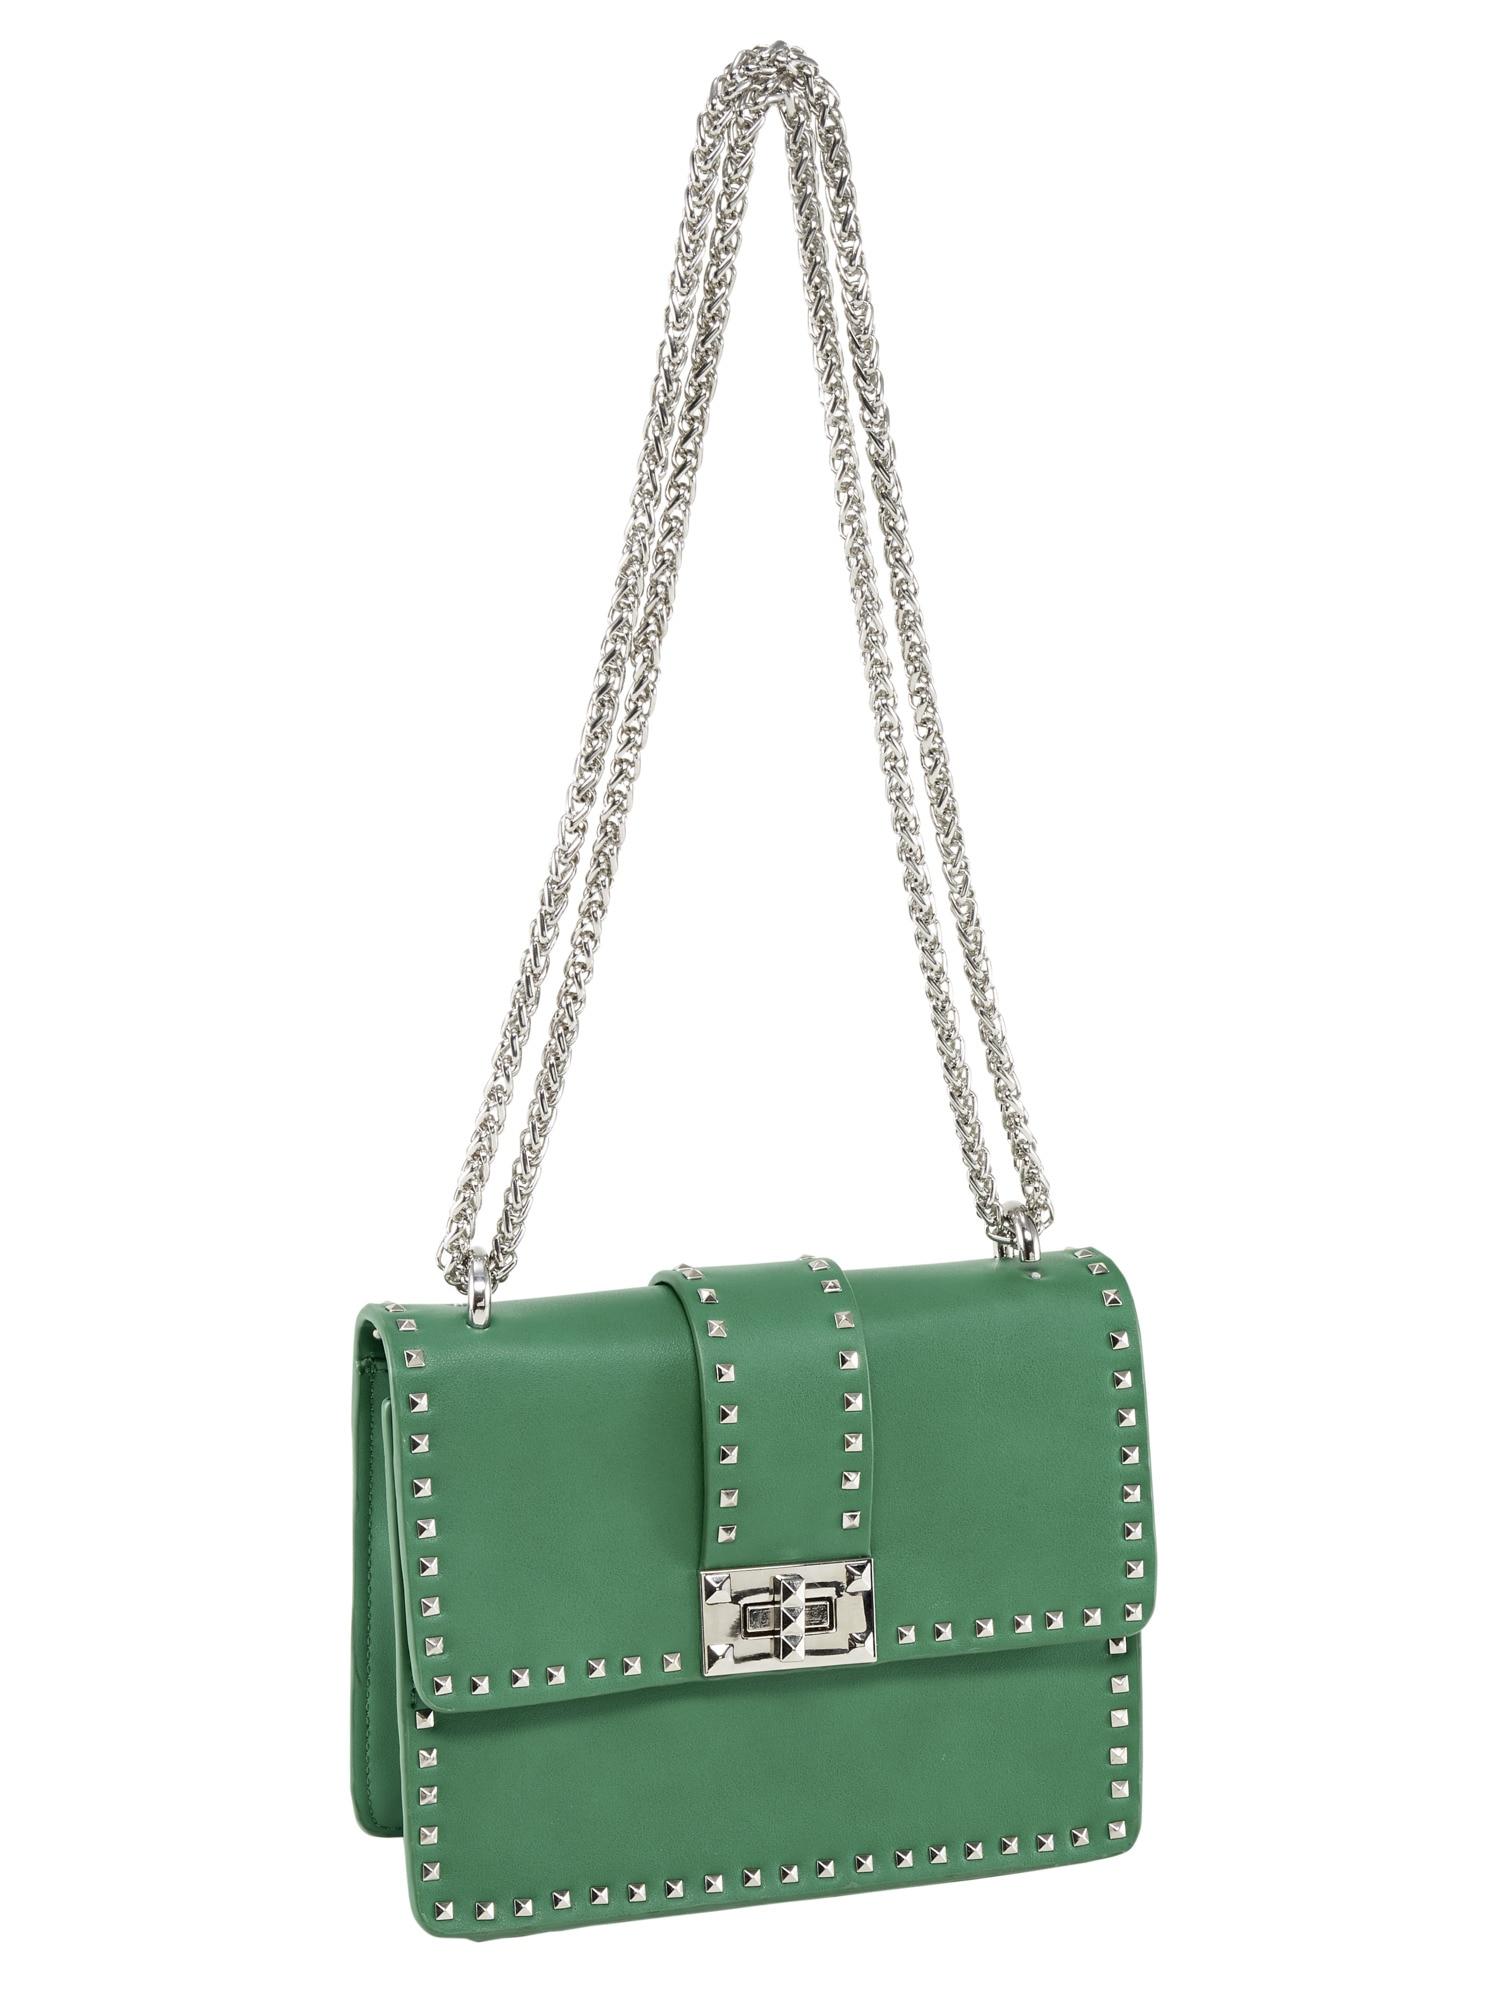 Heine Tasche mit Nietenbesatz   Taschen > Handtaschen > Sonstige Handtaschen   Grün   Polyester   Heine